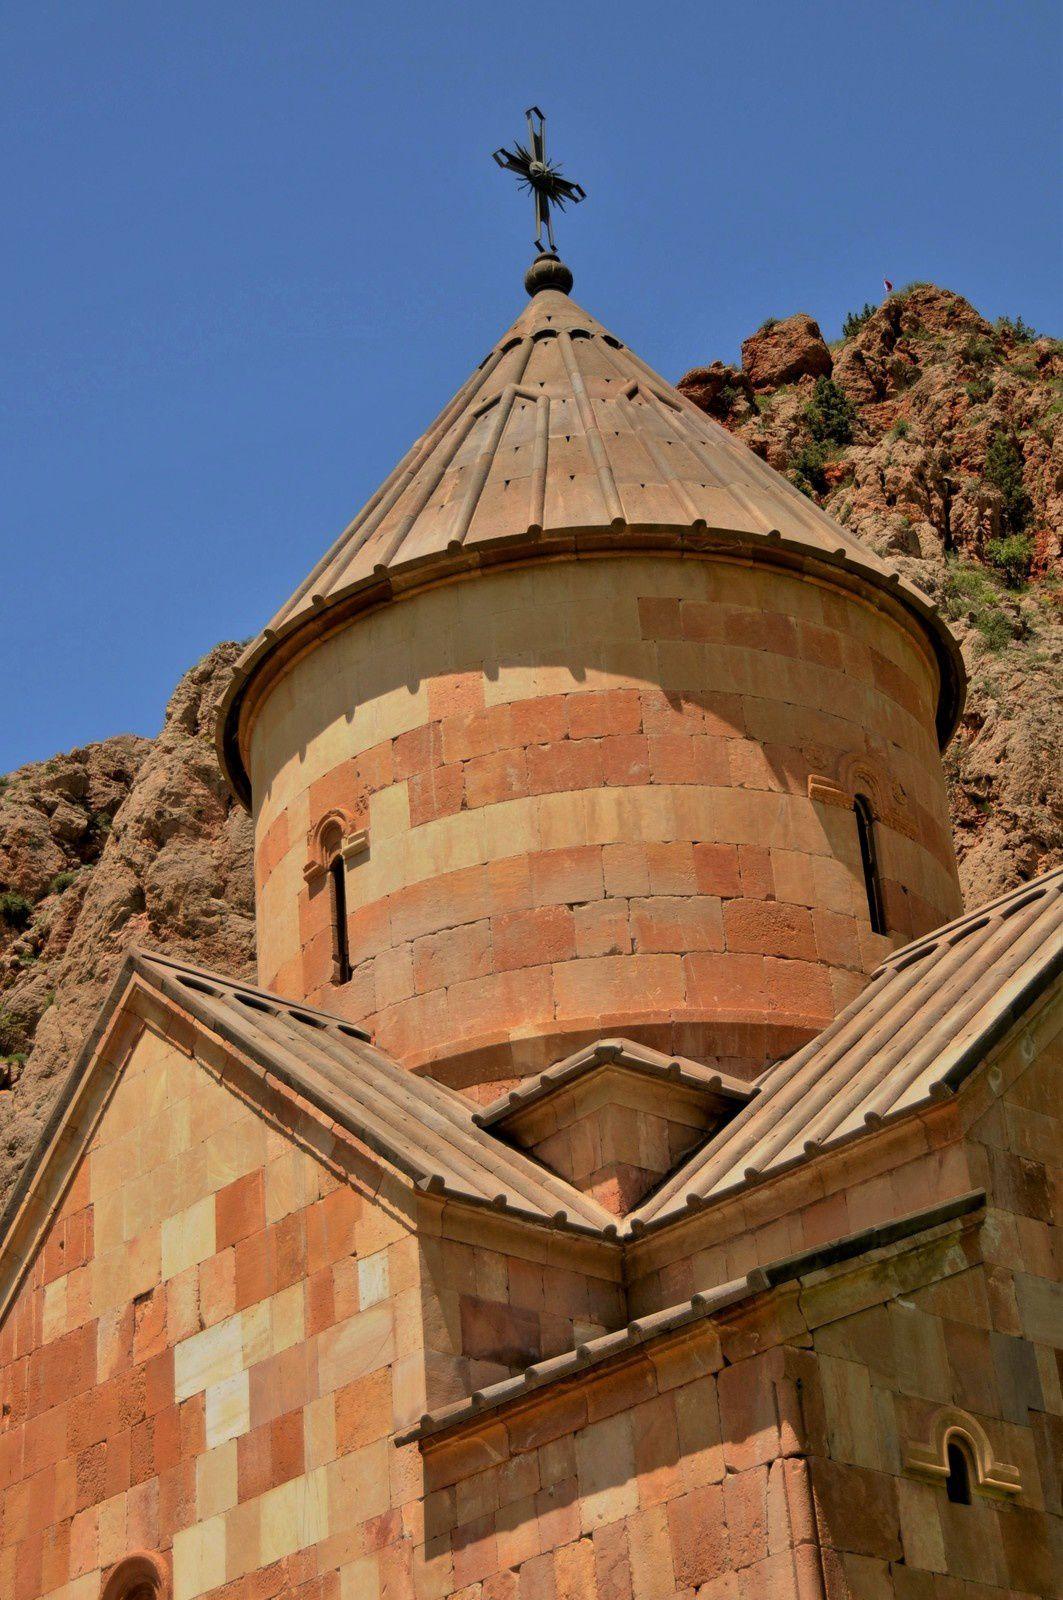 Le dôme de l'église Sourp Karapet